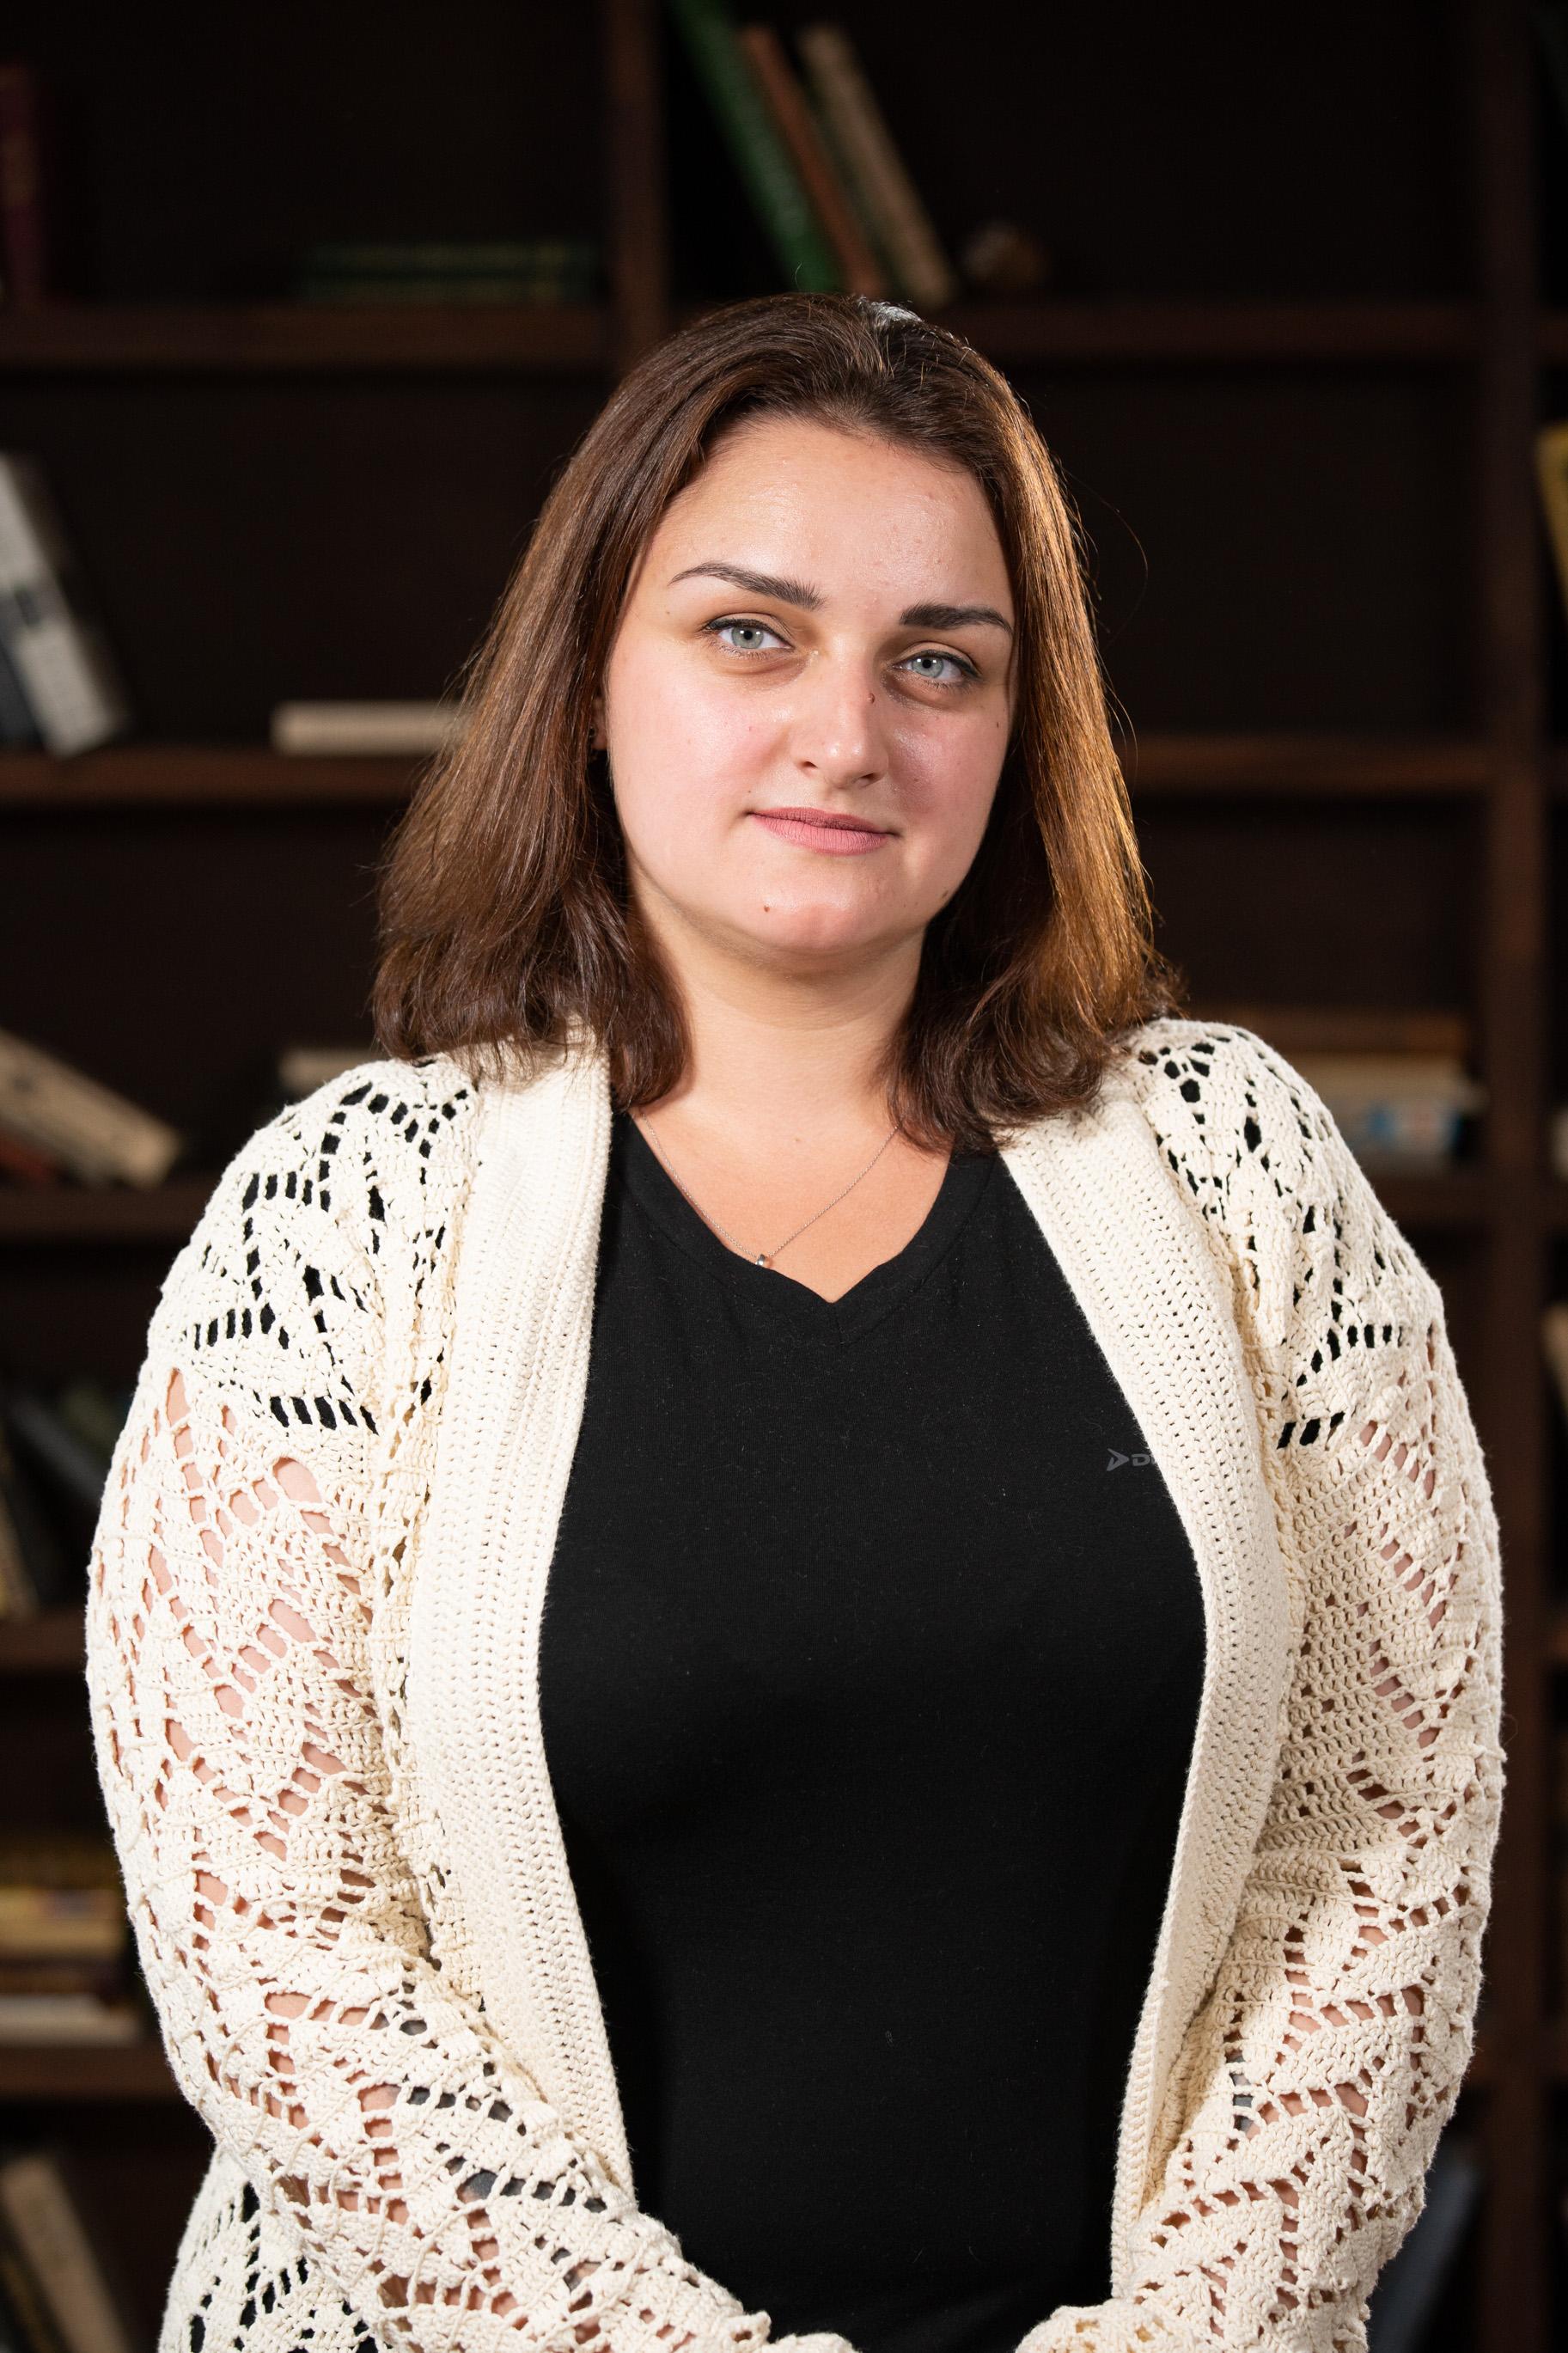 Васильева (Коврова) Анастасия